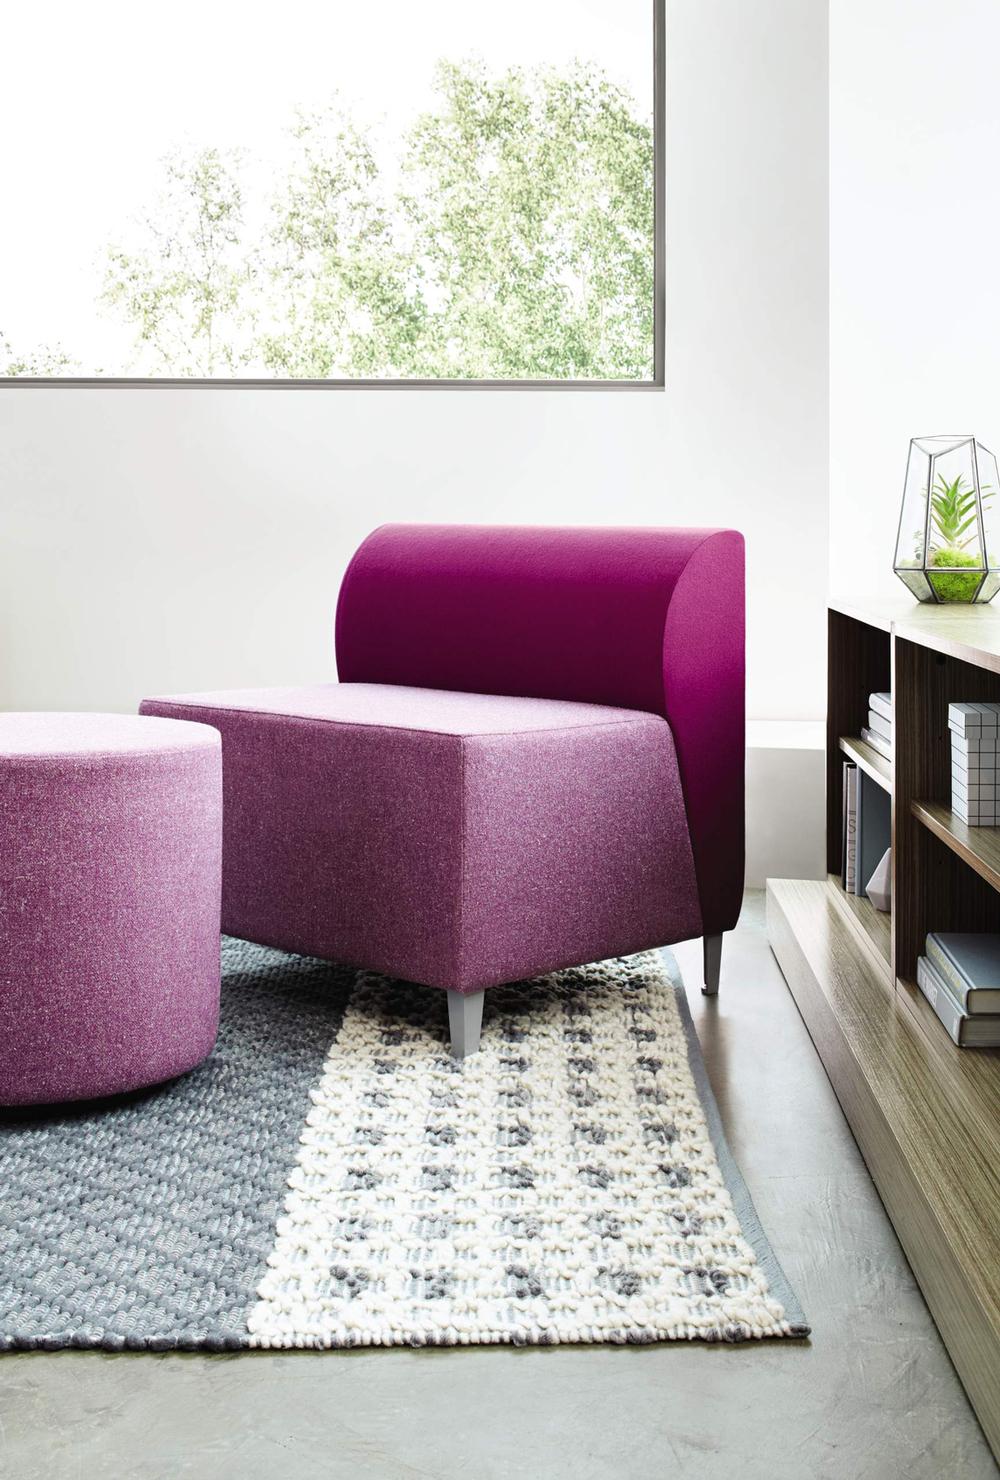 JOELLE Lounge